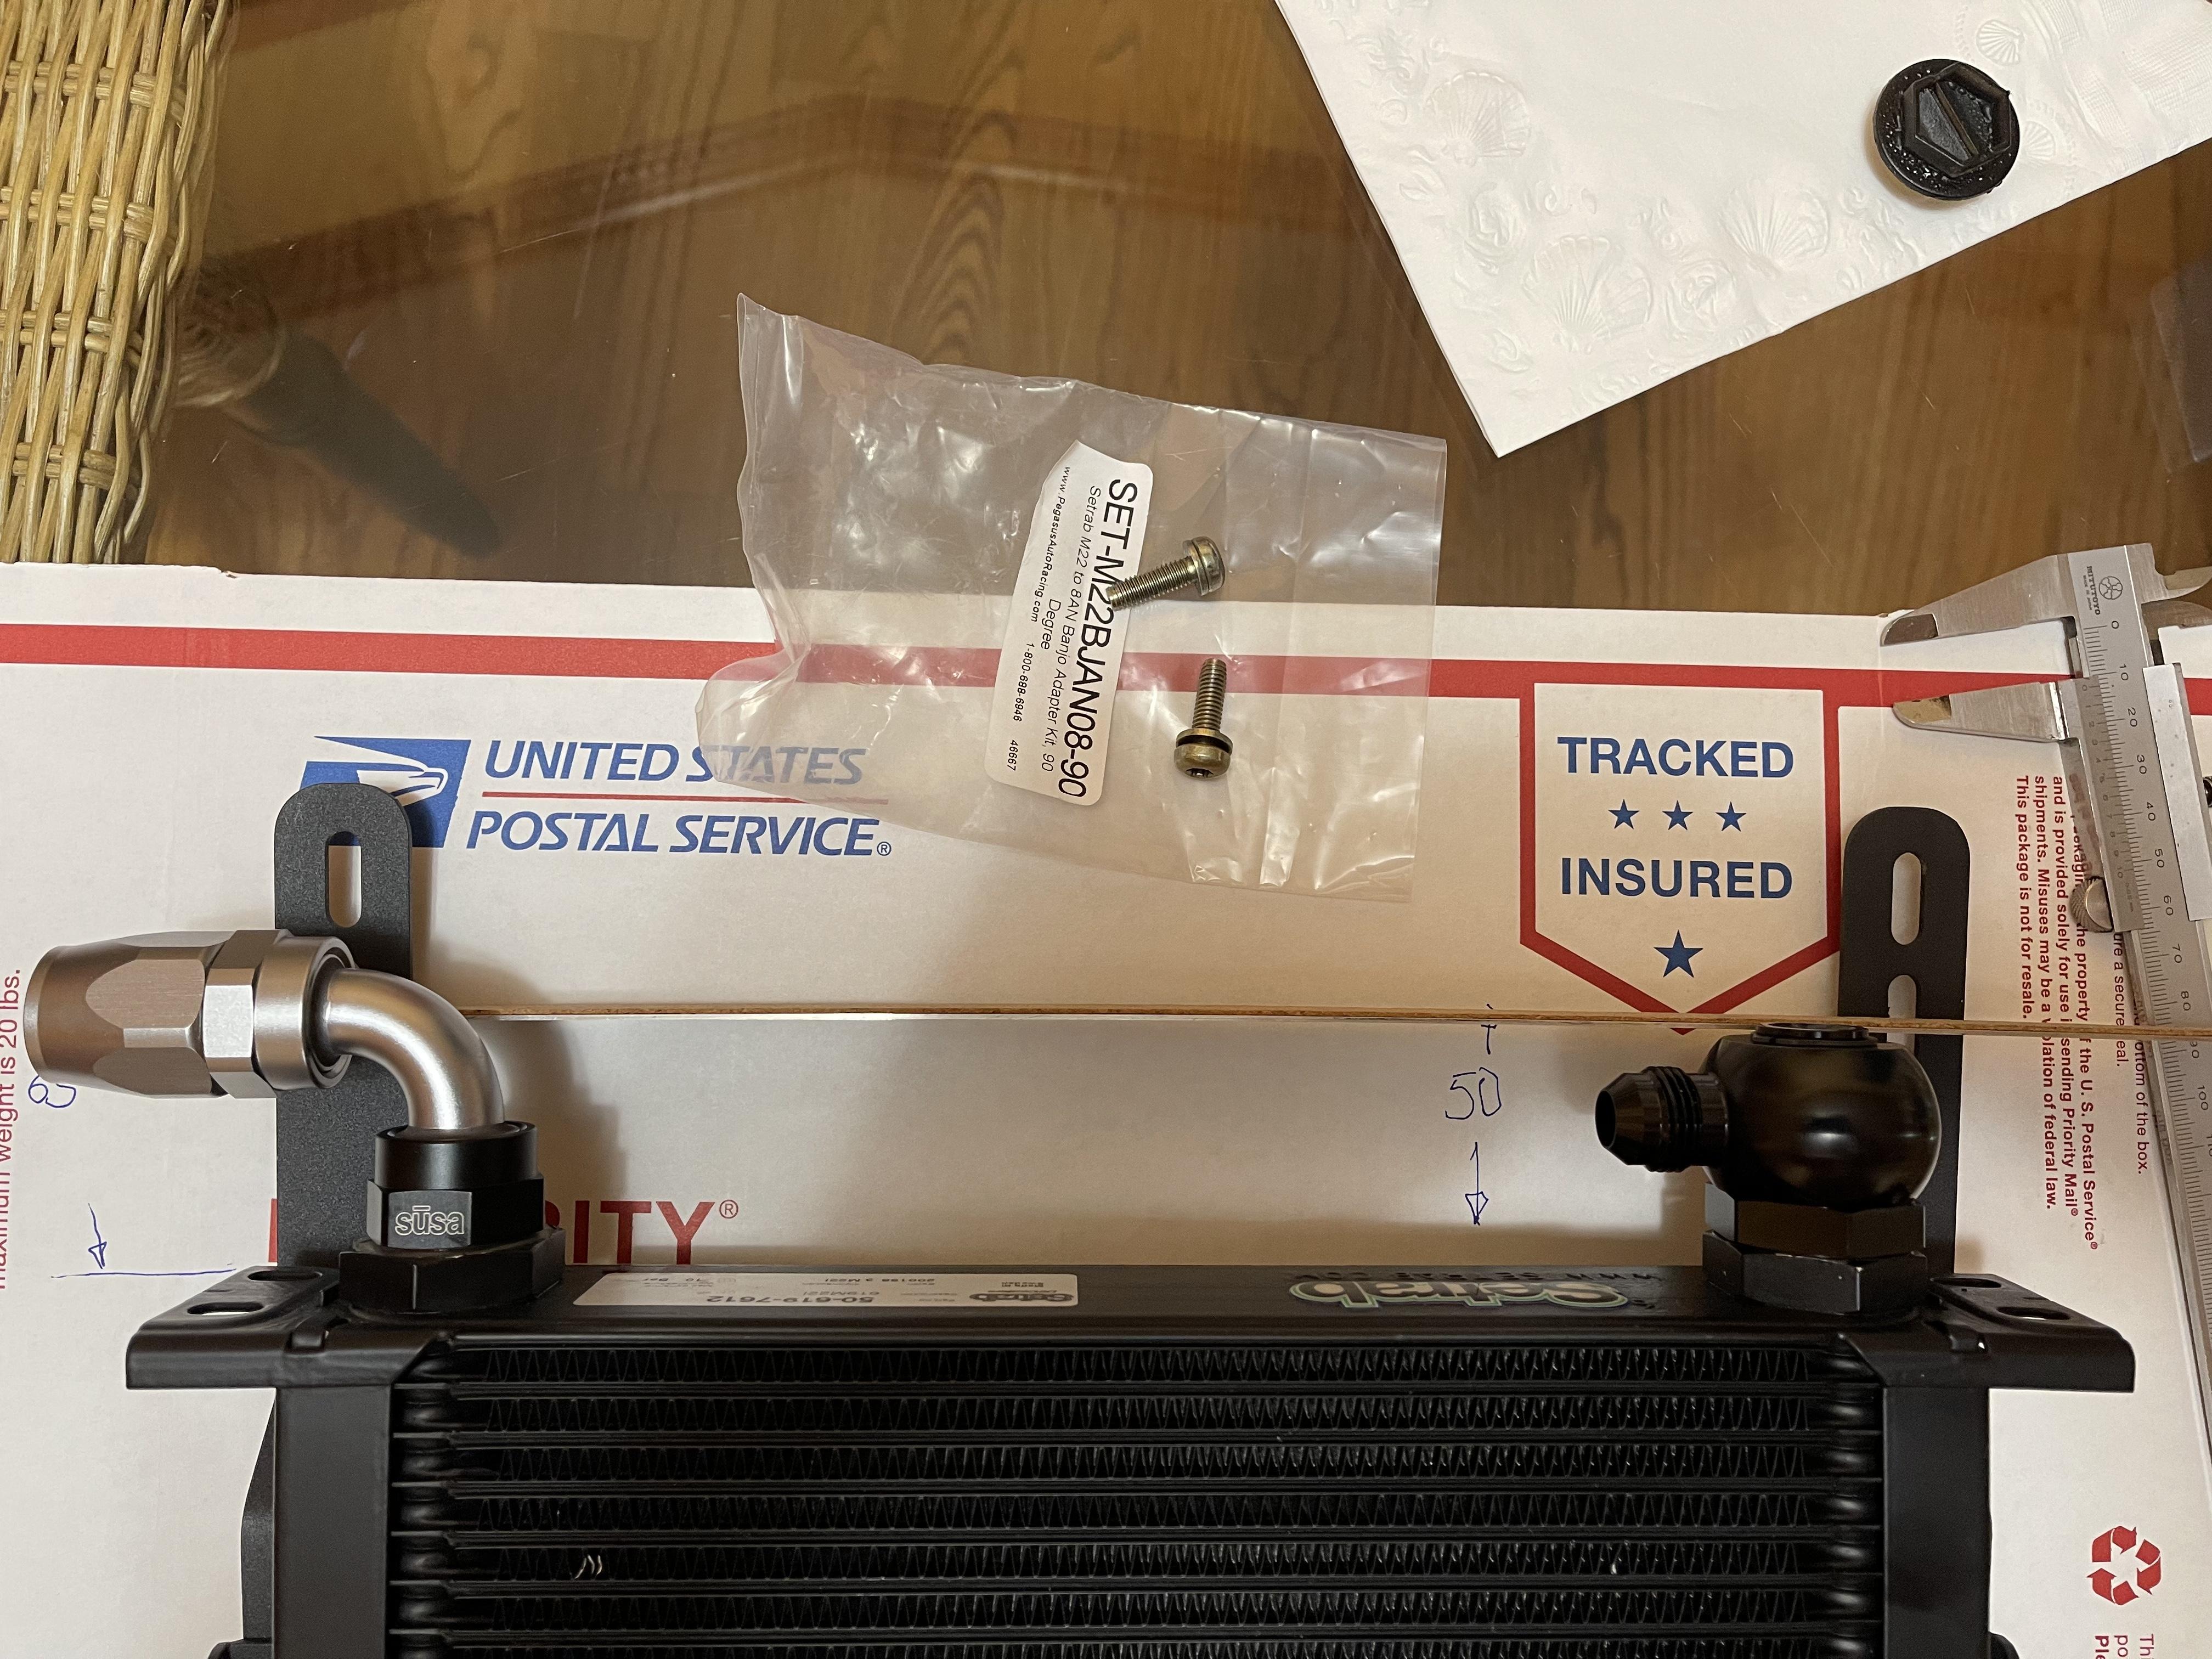 F059D59A-FCC9-4A64-AEC4-89EBFE7C71C5.jpeg